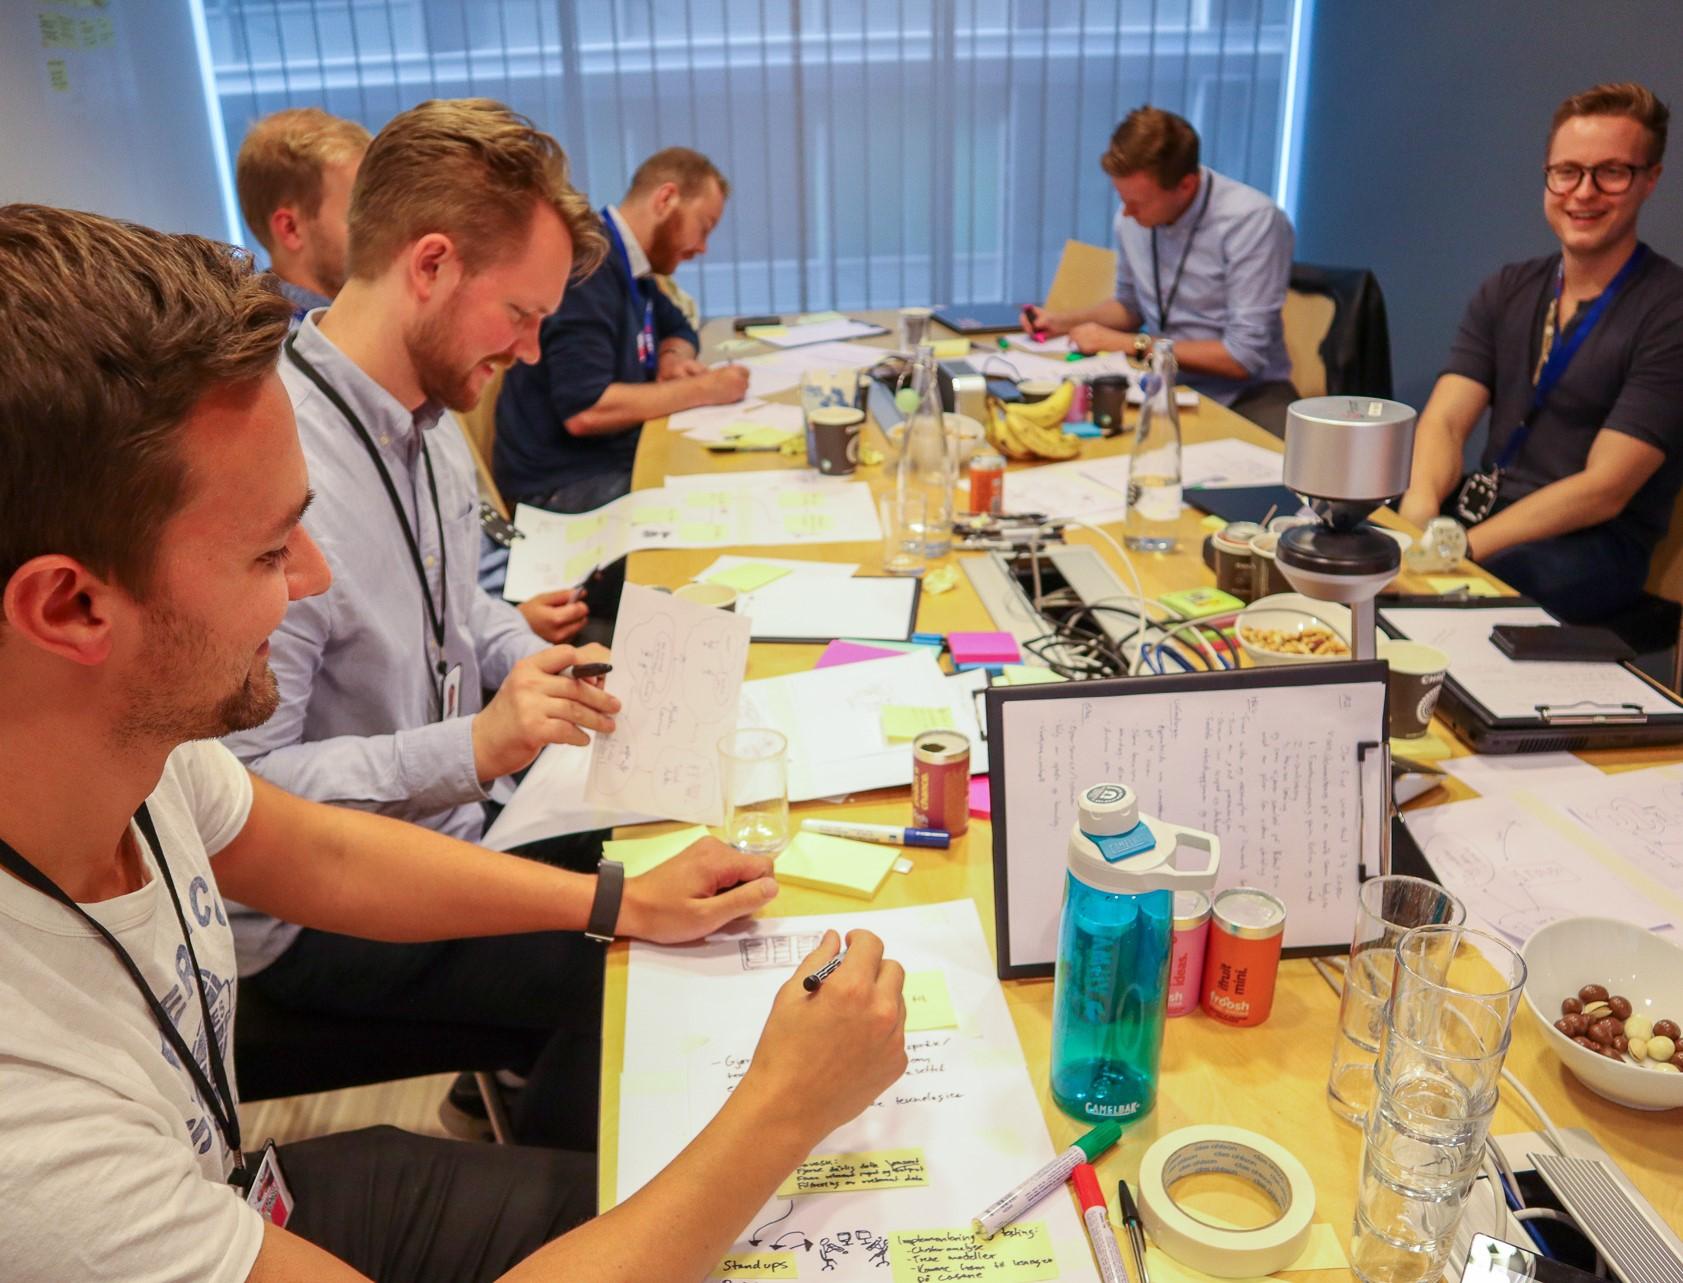 Samarbeidsoppgaver skaper godt fagmiljø